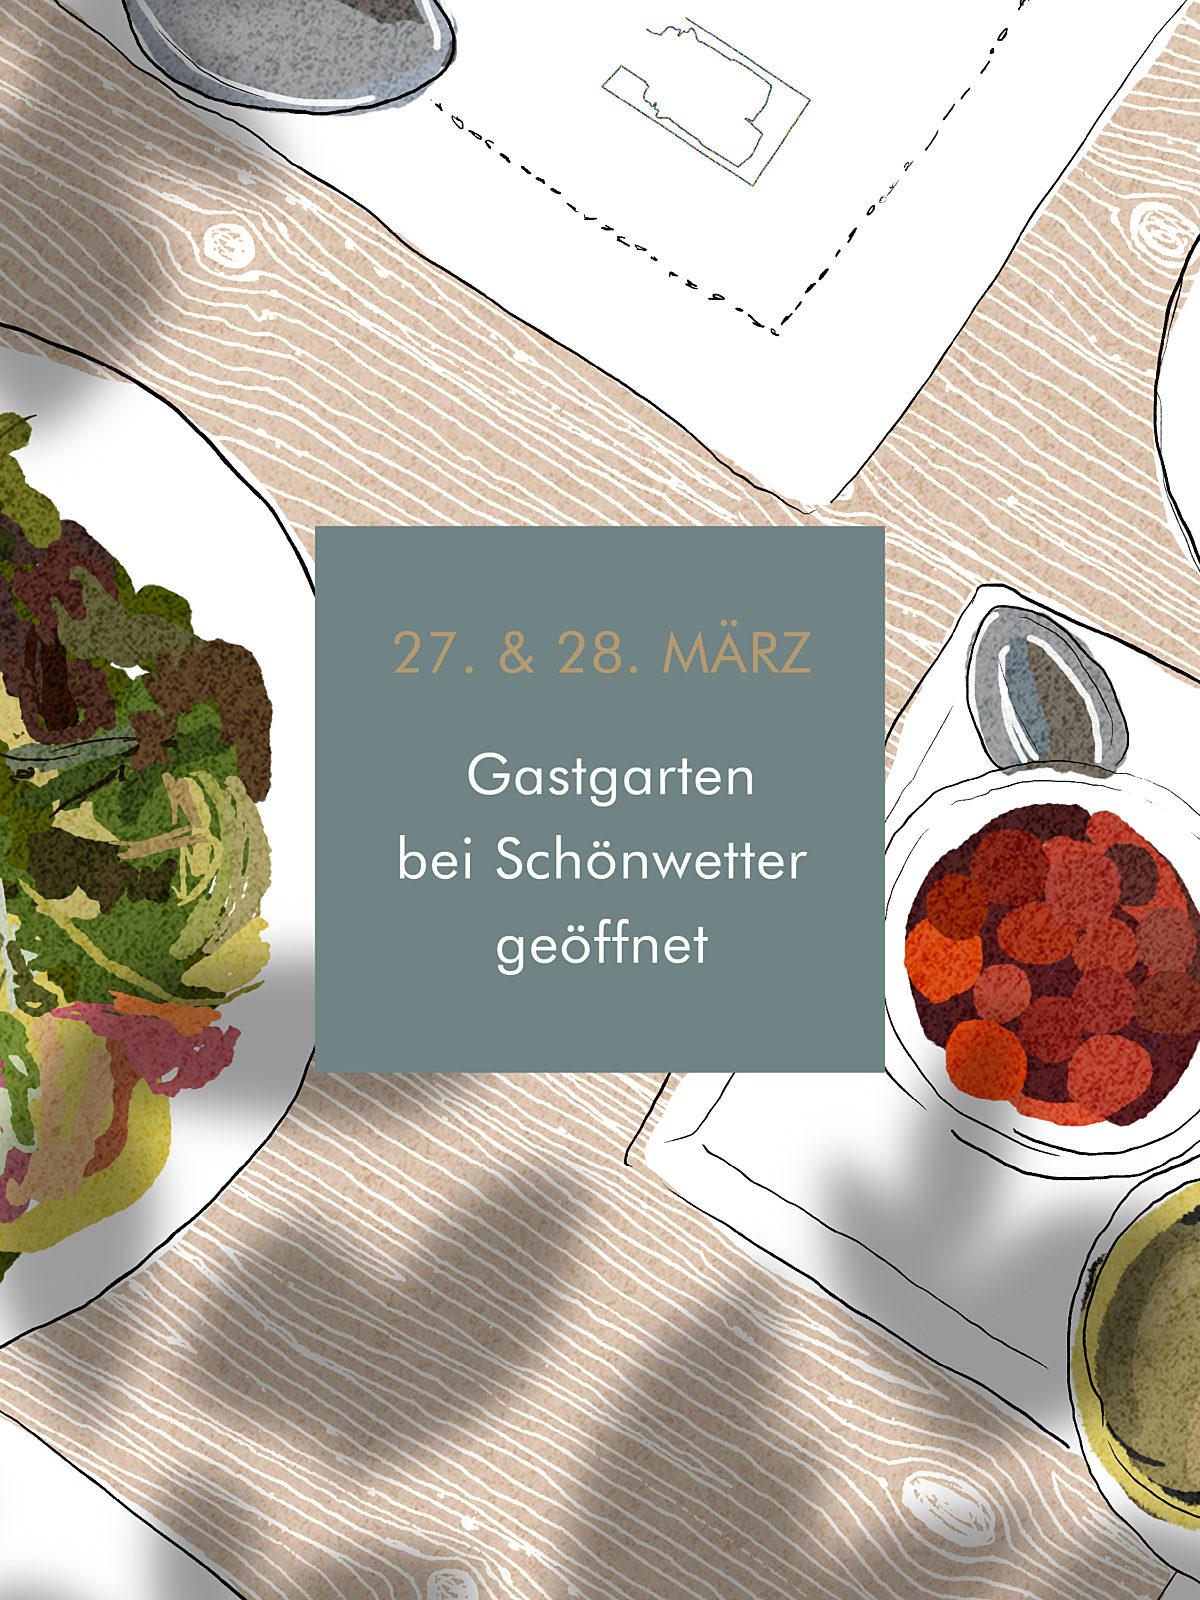 Gastgarten story2